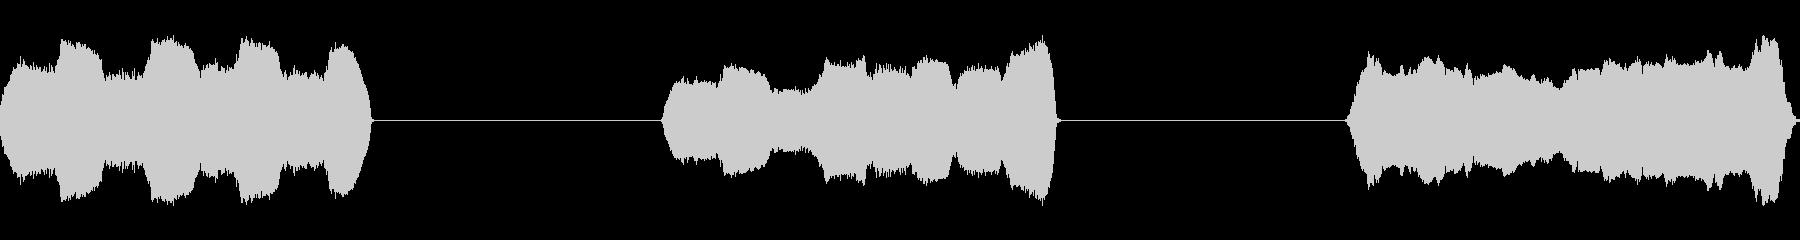 トーンホイッスルサイレンマルチwavの未再生の波形